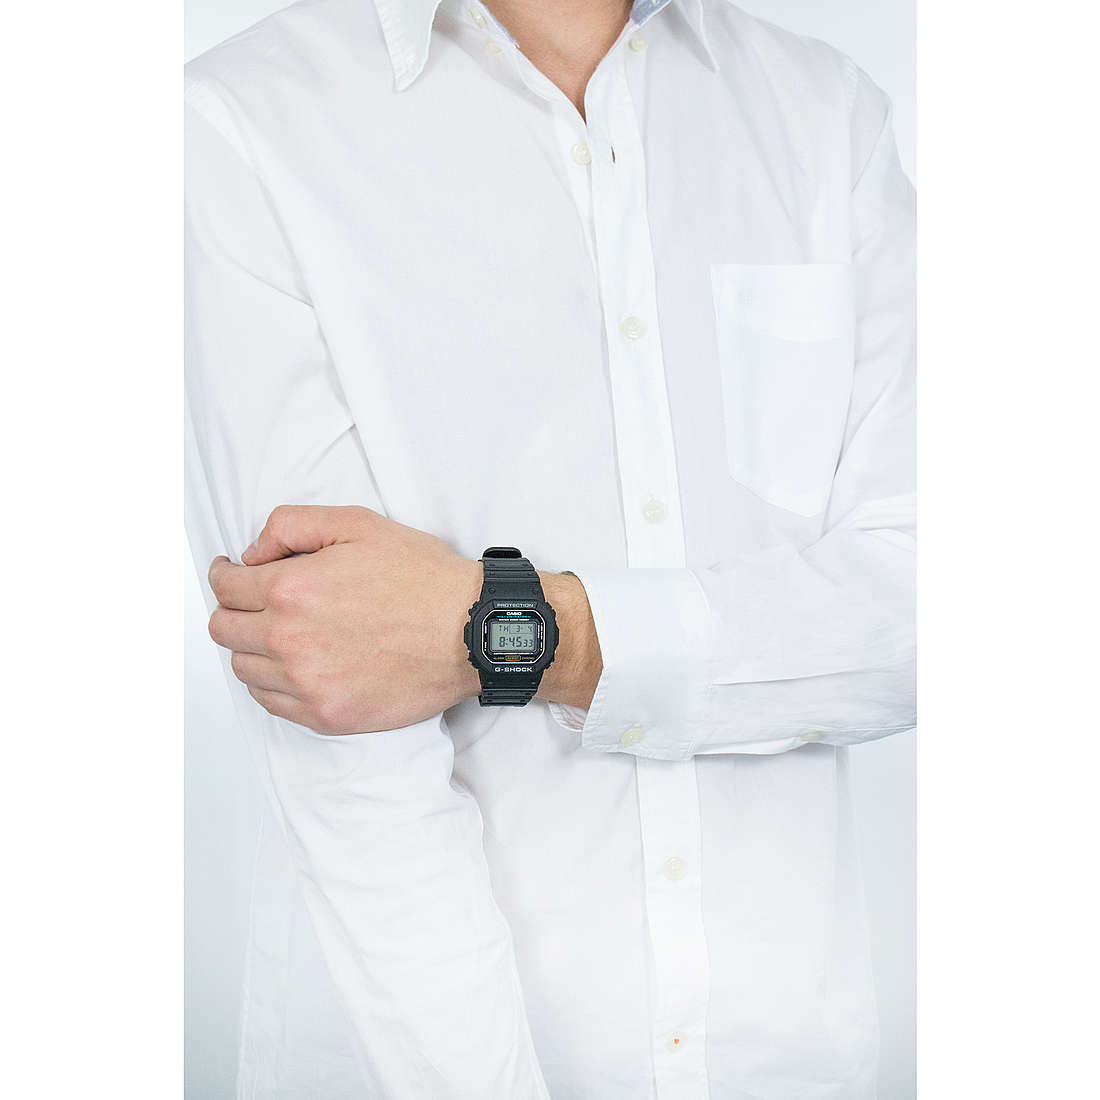 Casio digitali G-Shock uomo DW-5600E-1VER indosso